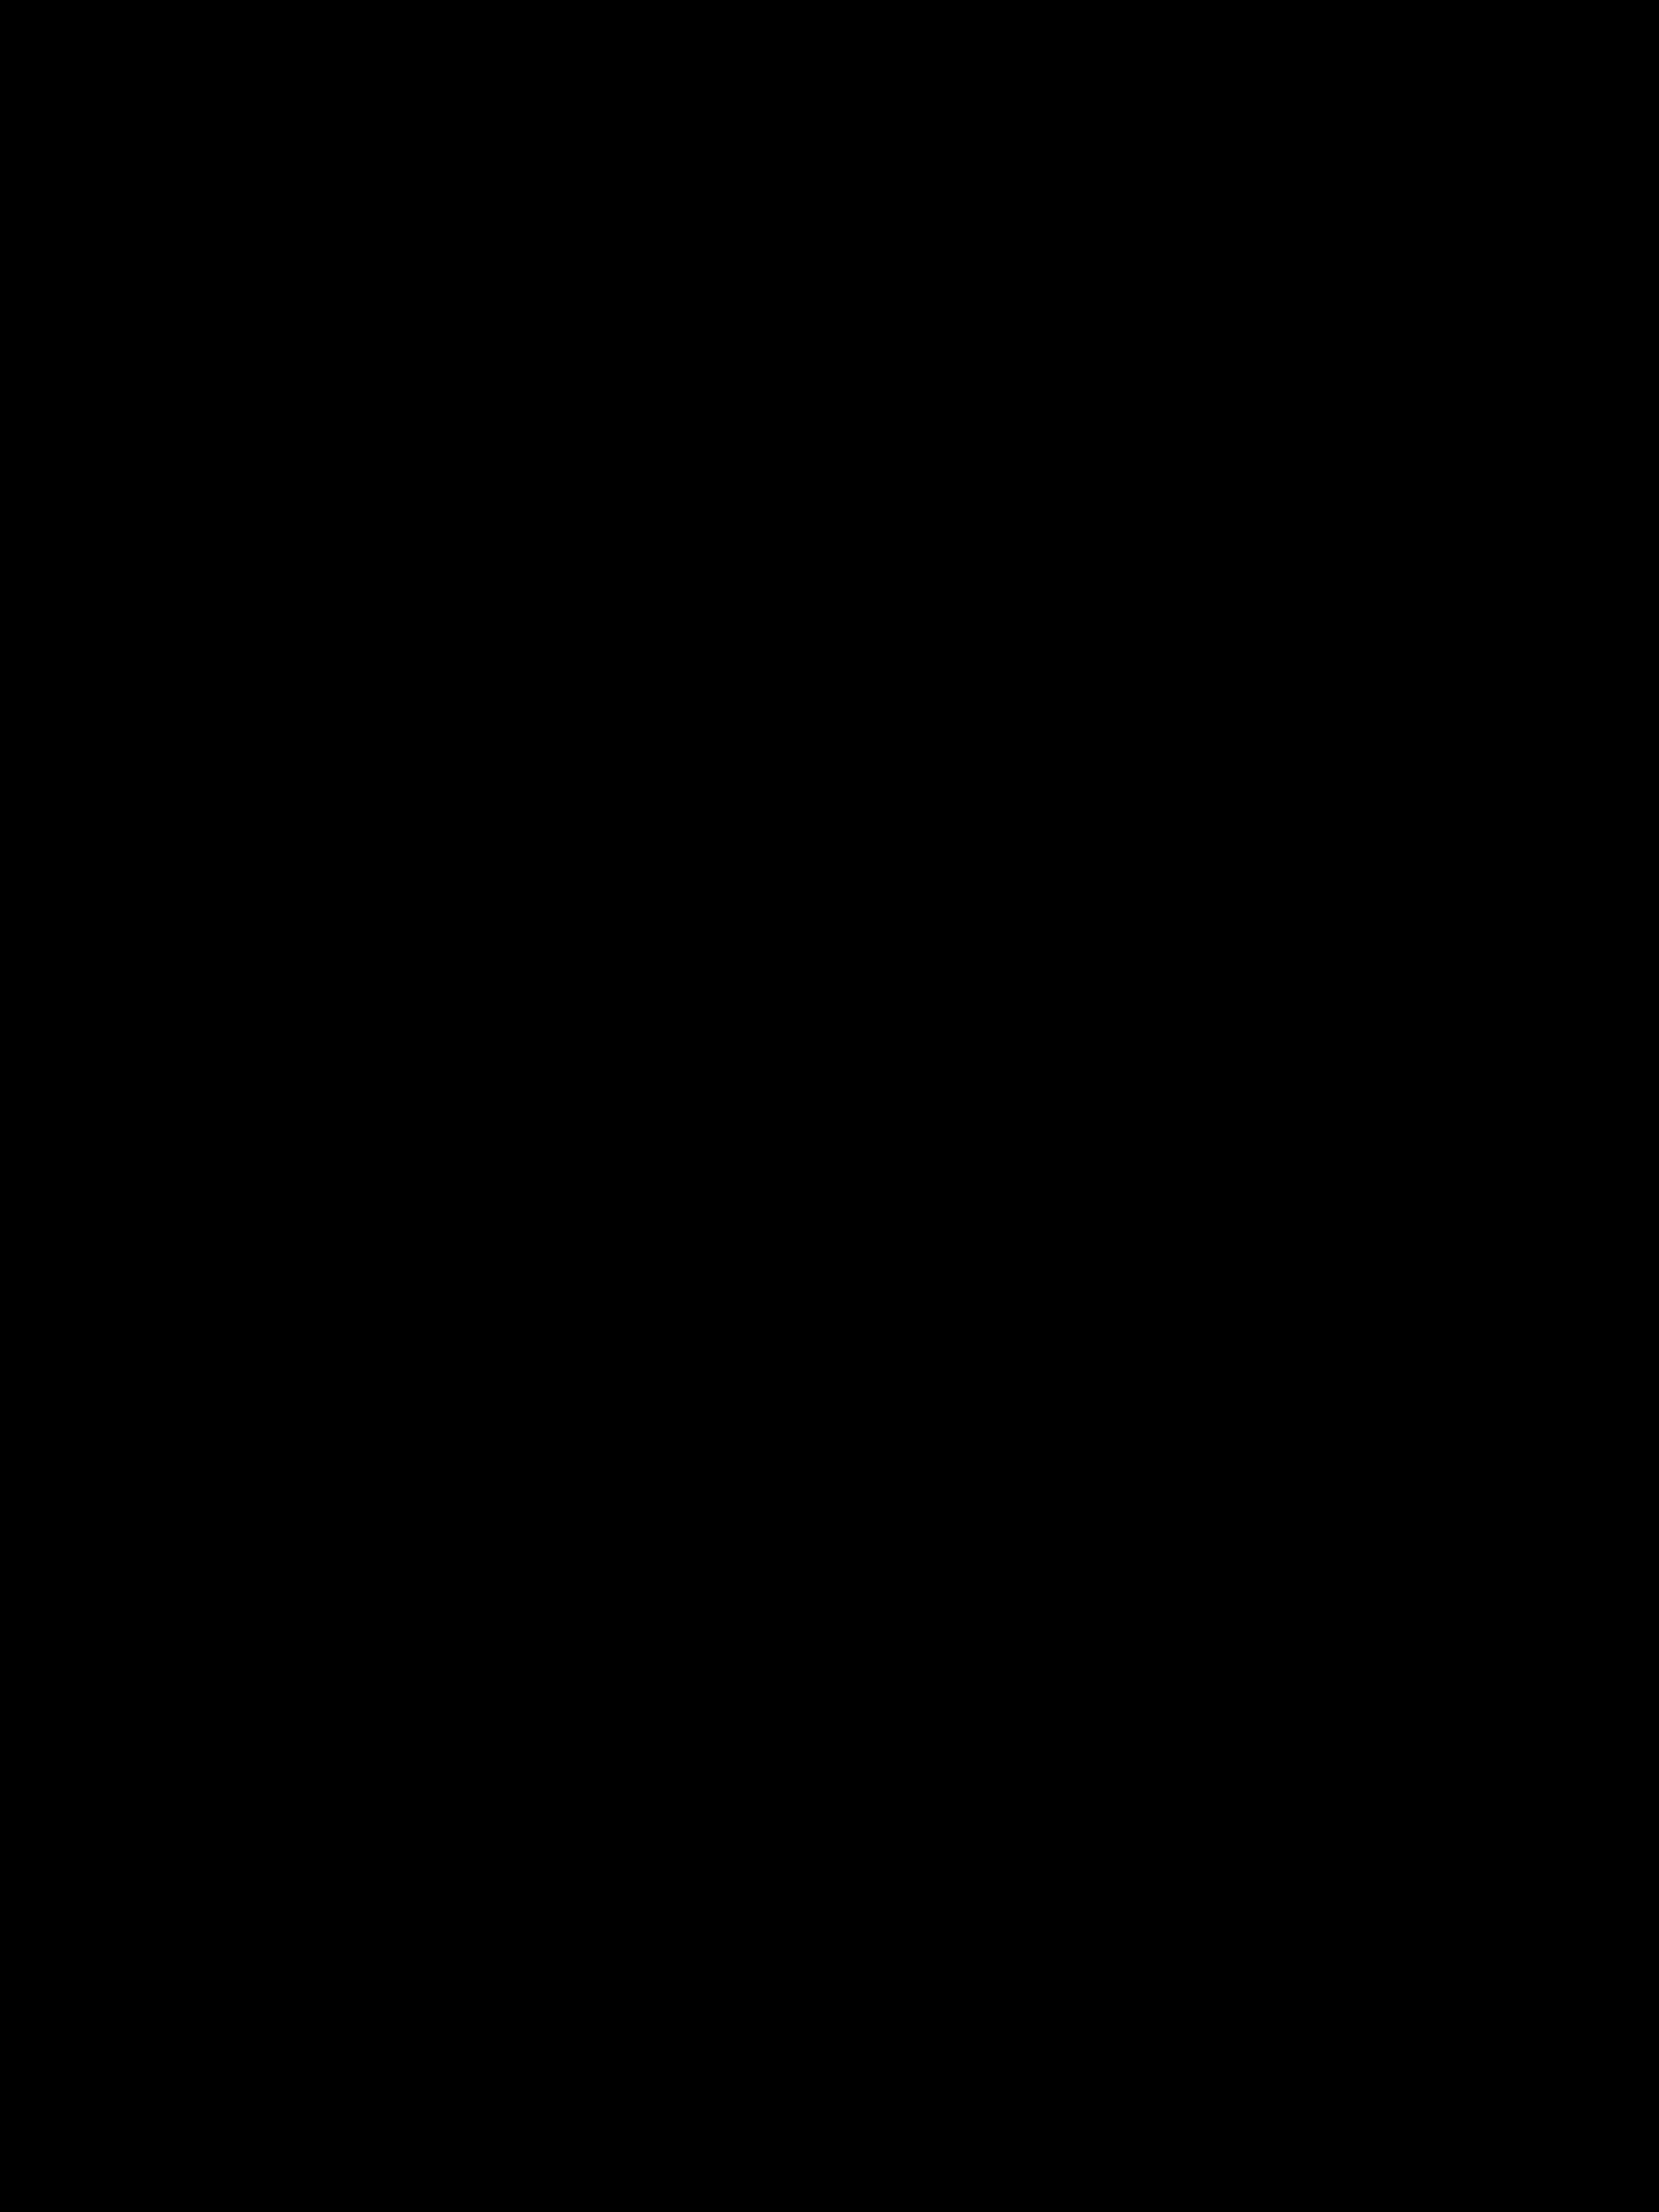 Rote Rose Ein Symbol Der Liebe Blumen Einfach Versenden Rosen Blumen Online Blumen